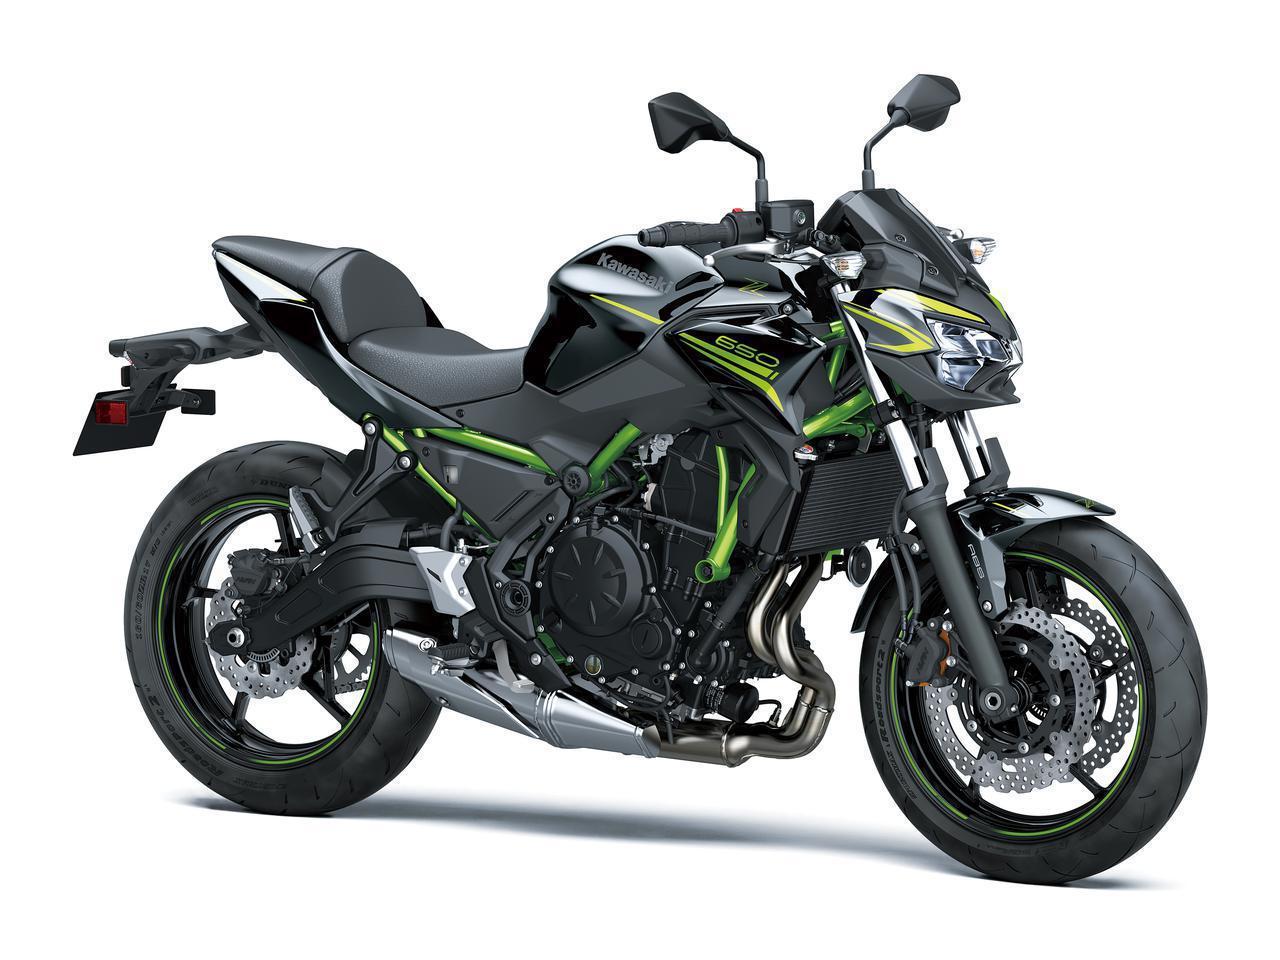 画像: Kawasaki Z650 総排気量:649cc エンジン形式:水冷4ストDOHC4バルブ並列2気筒 シート高:790mm 車両重量:189kg